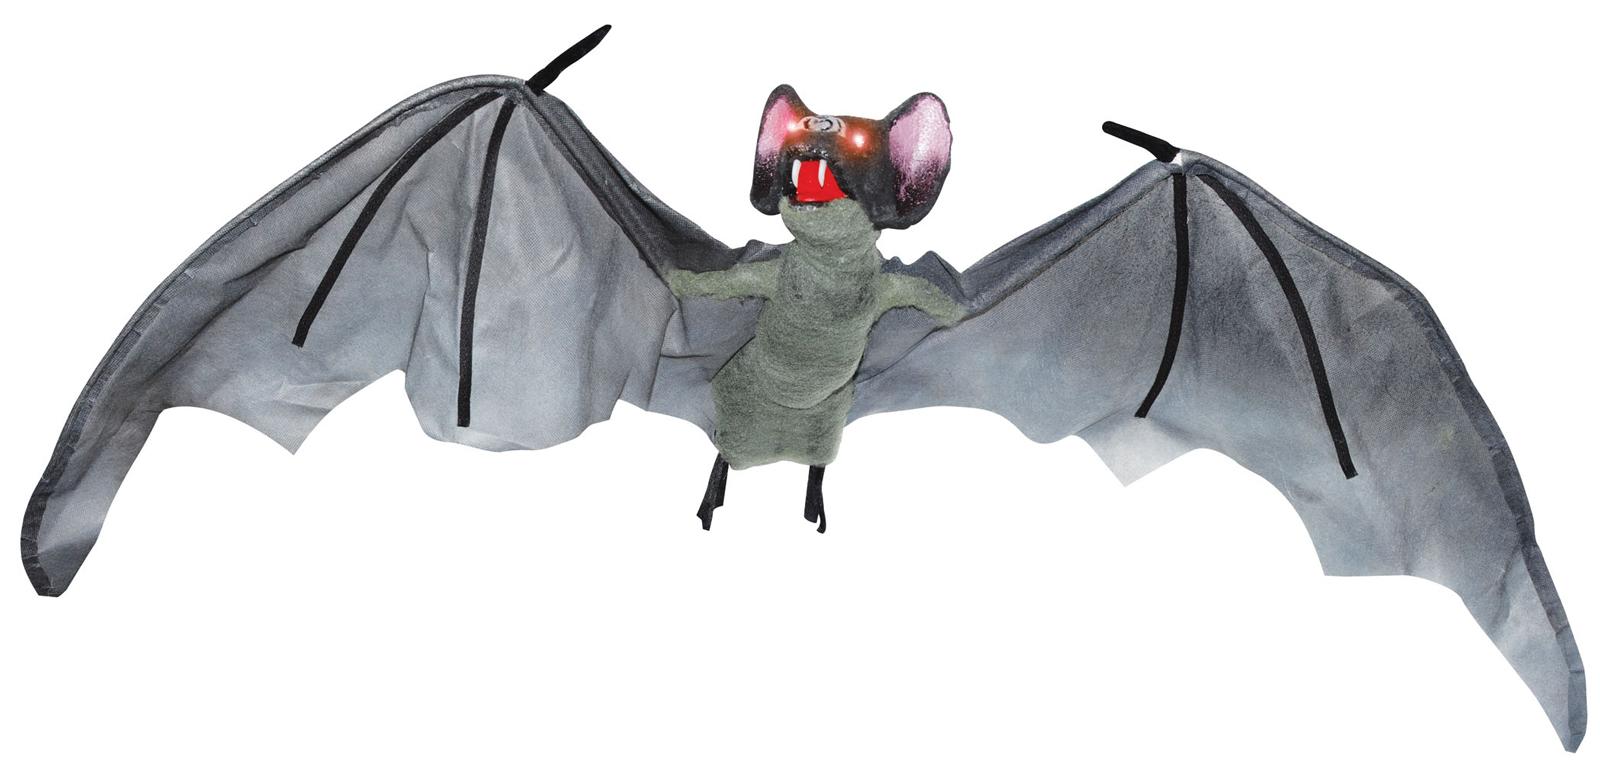 Animated Bat Decoration